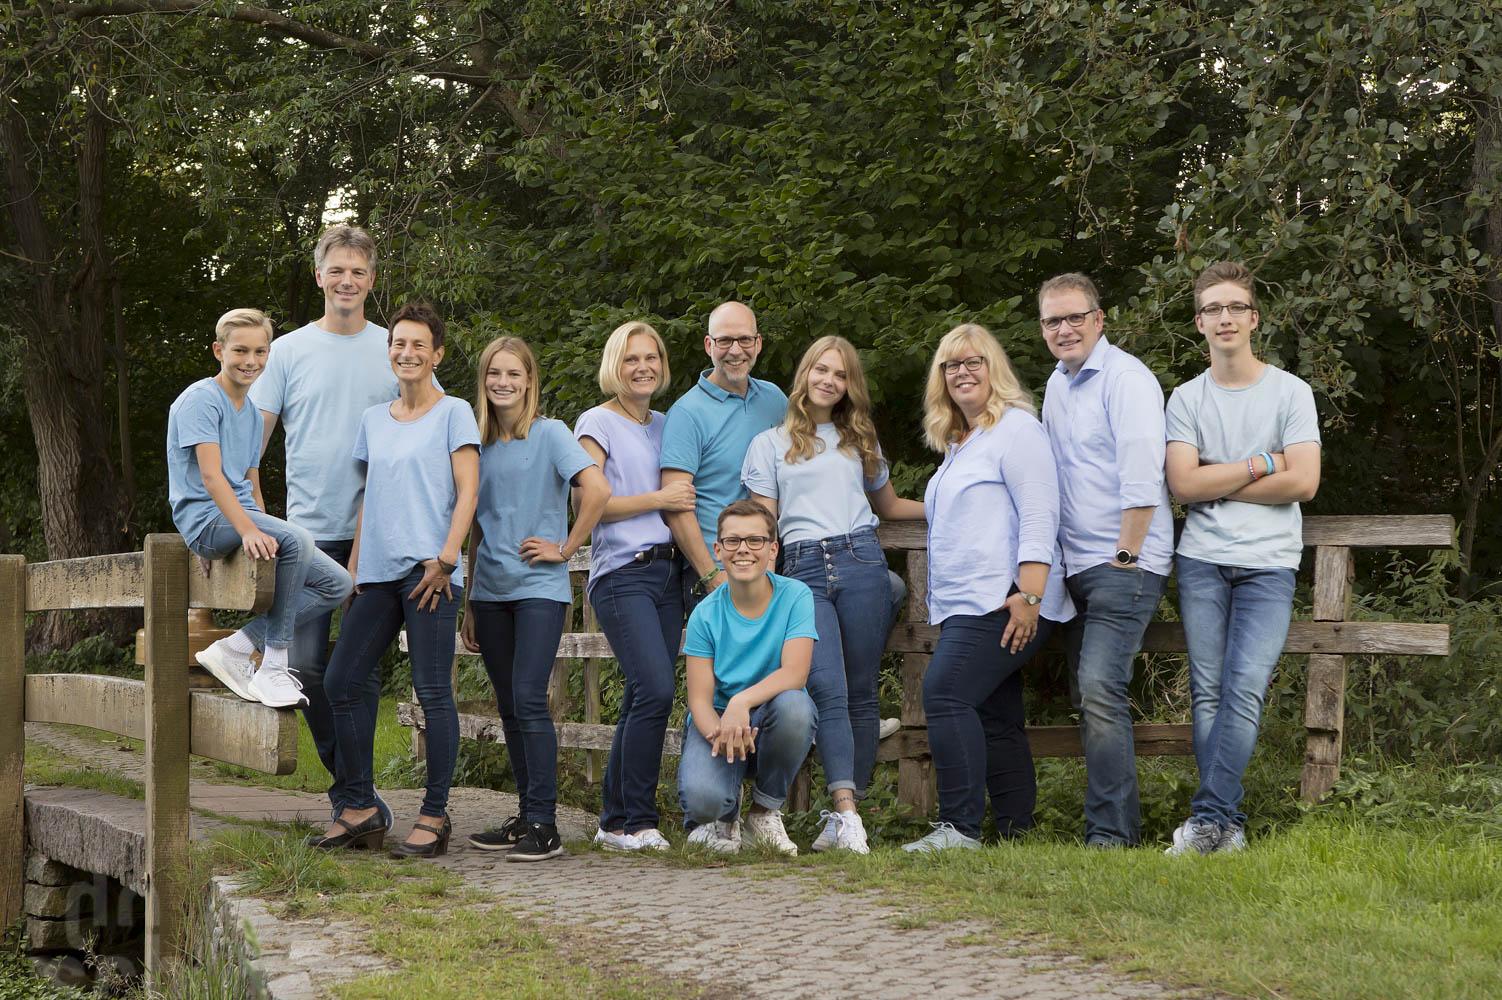 Familienfotos Familienfotos -023